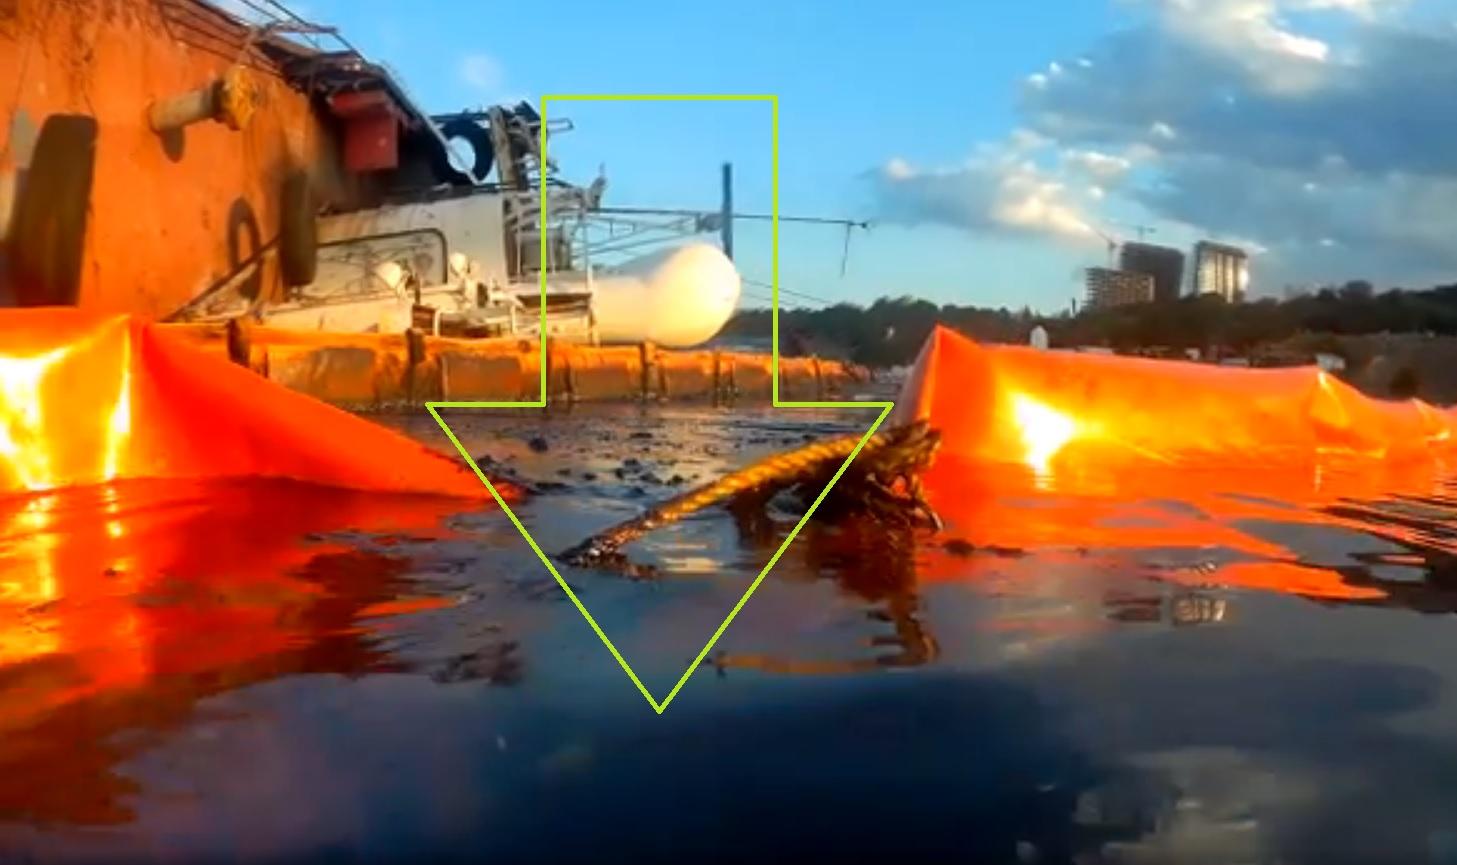 Эко-активист в Одессе показал реальные масштабы загрязнения моря нефтепродуктами танкера